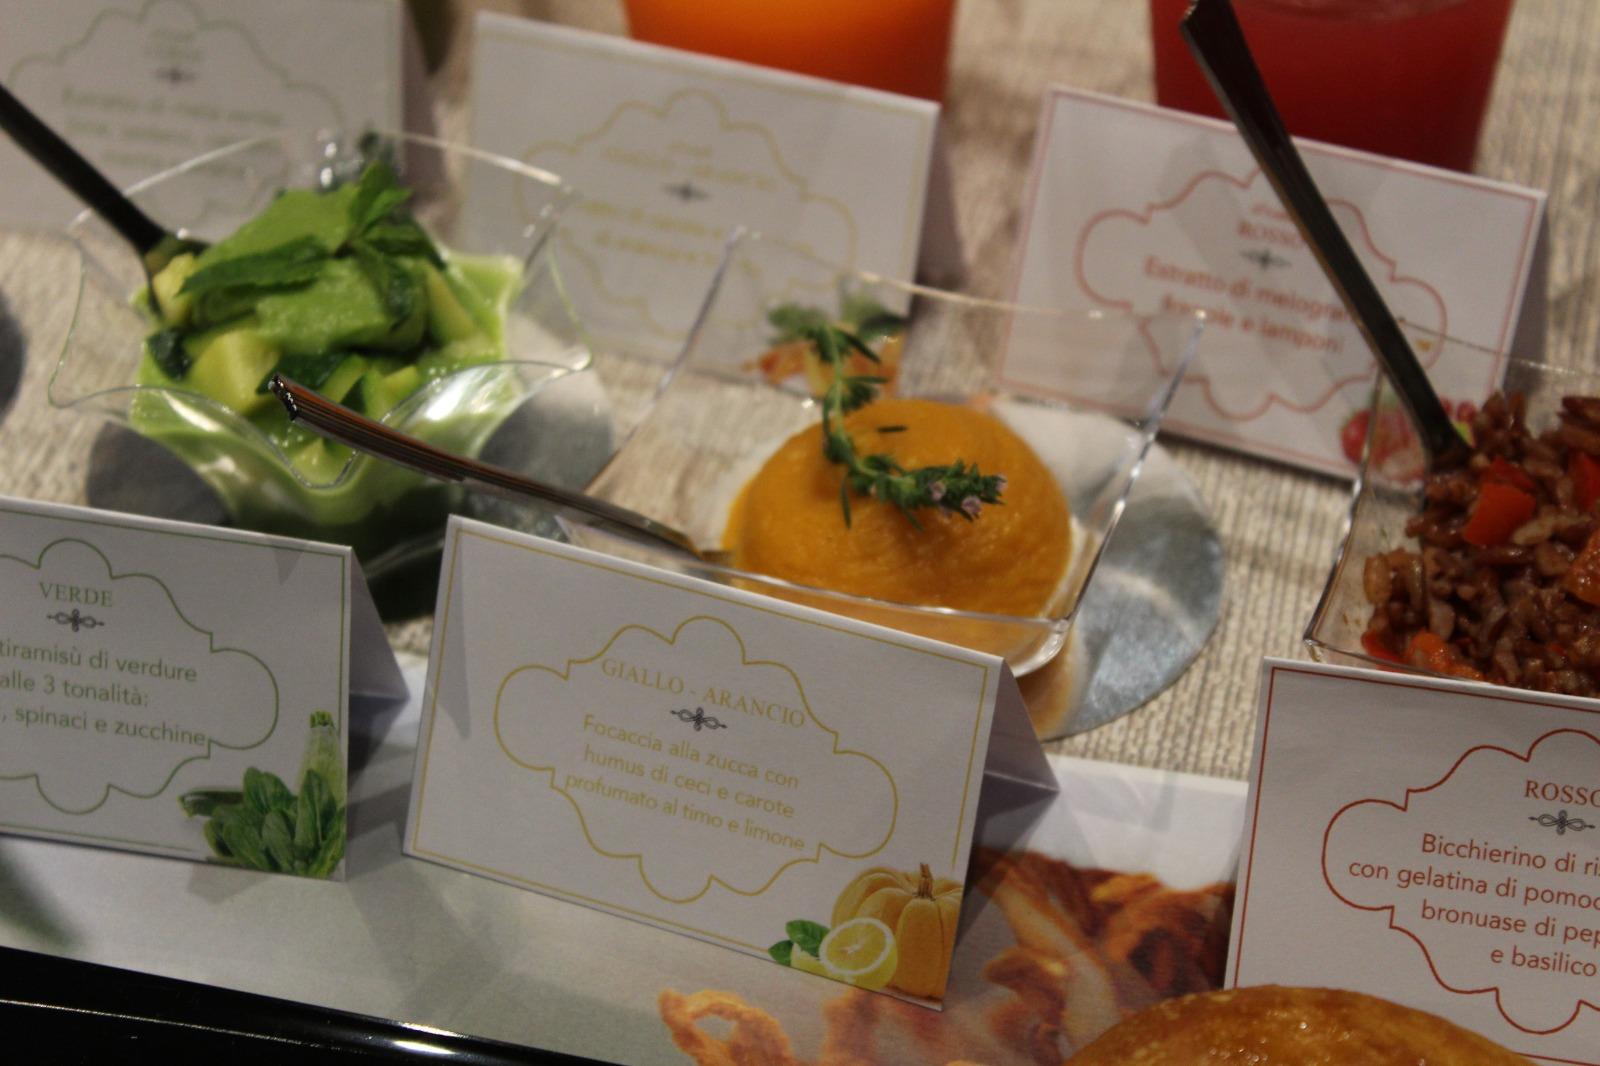 corso-degustazione a colori presso Paghera Green Events